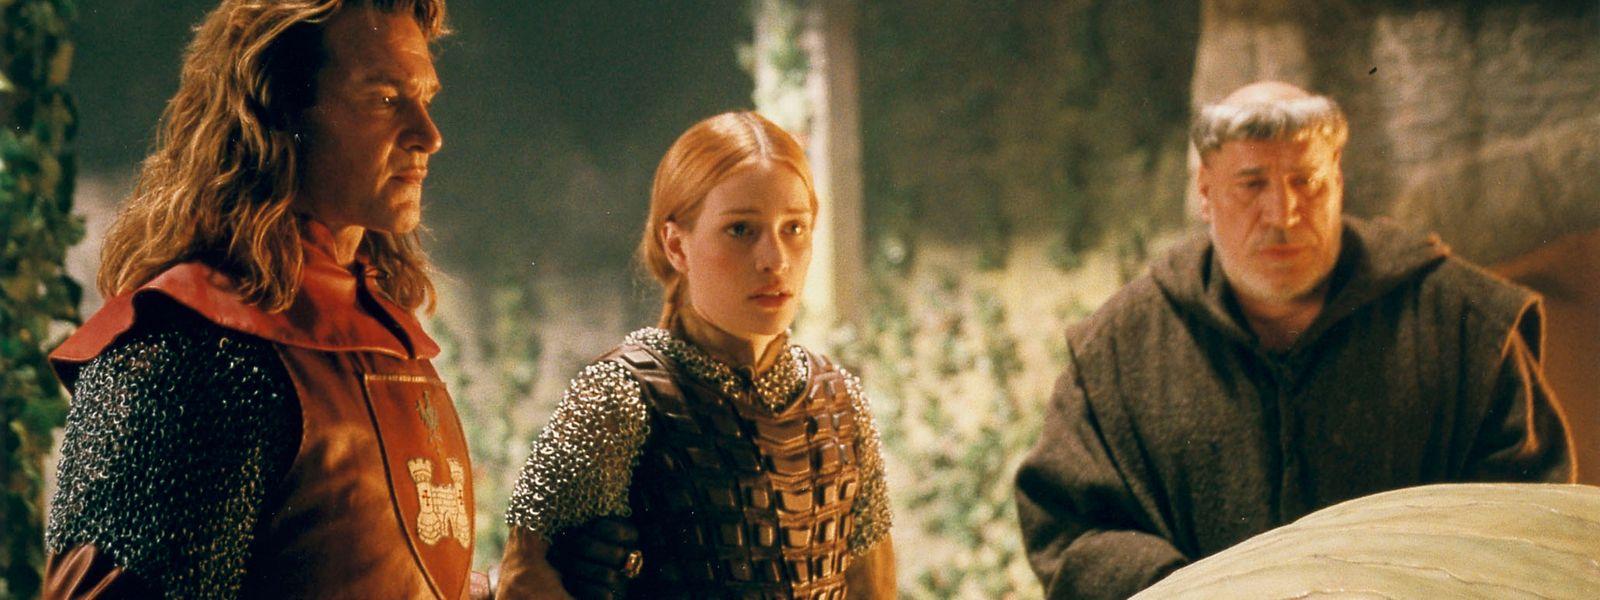 Patrick Swayze beim Filmdreh in Luxemburg. Garth (Patrick Swayze), Prinzessin Lunna (Piper Perabo) und Bruder Bernard (Jean-Pierre Castaldi) haben eine Begegnung der unheimlichen Art.